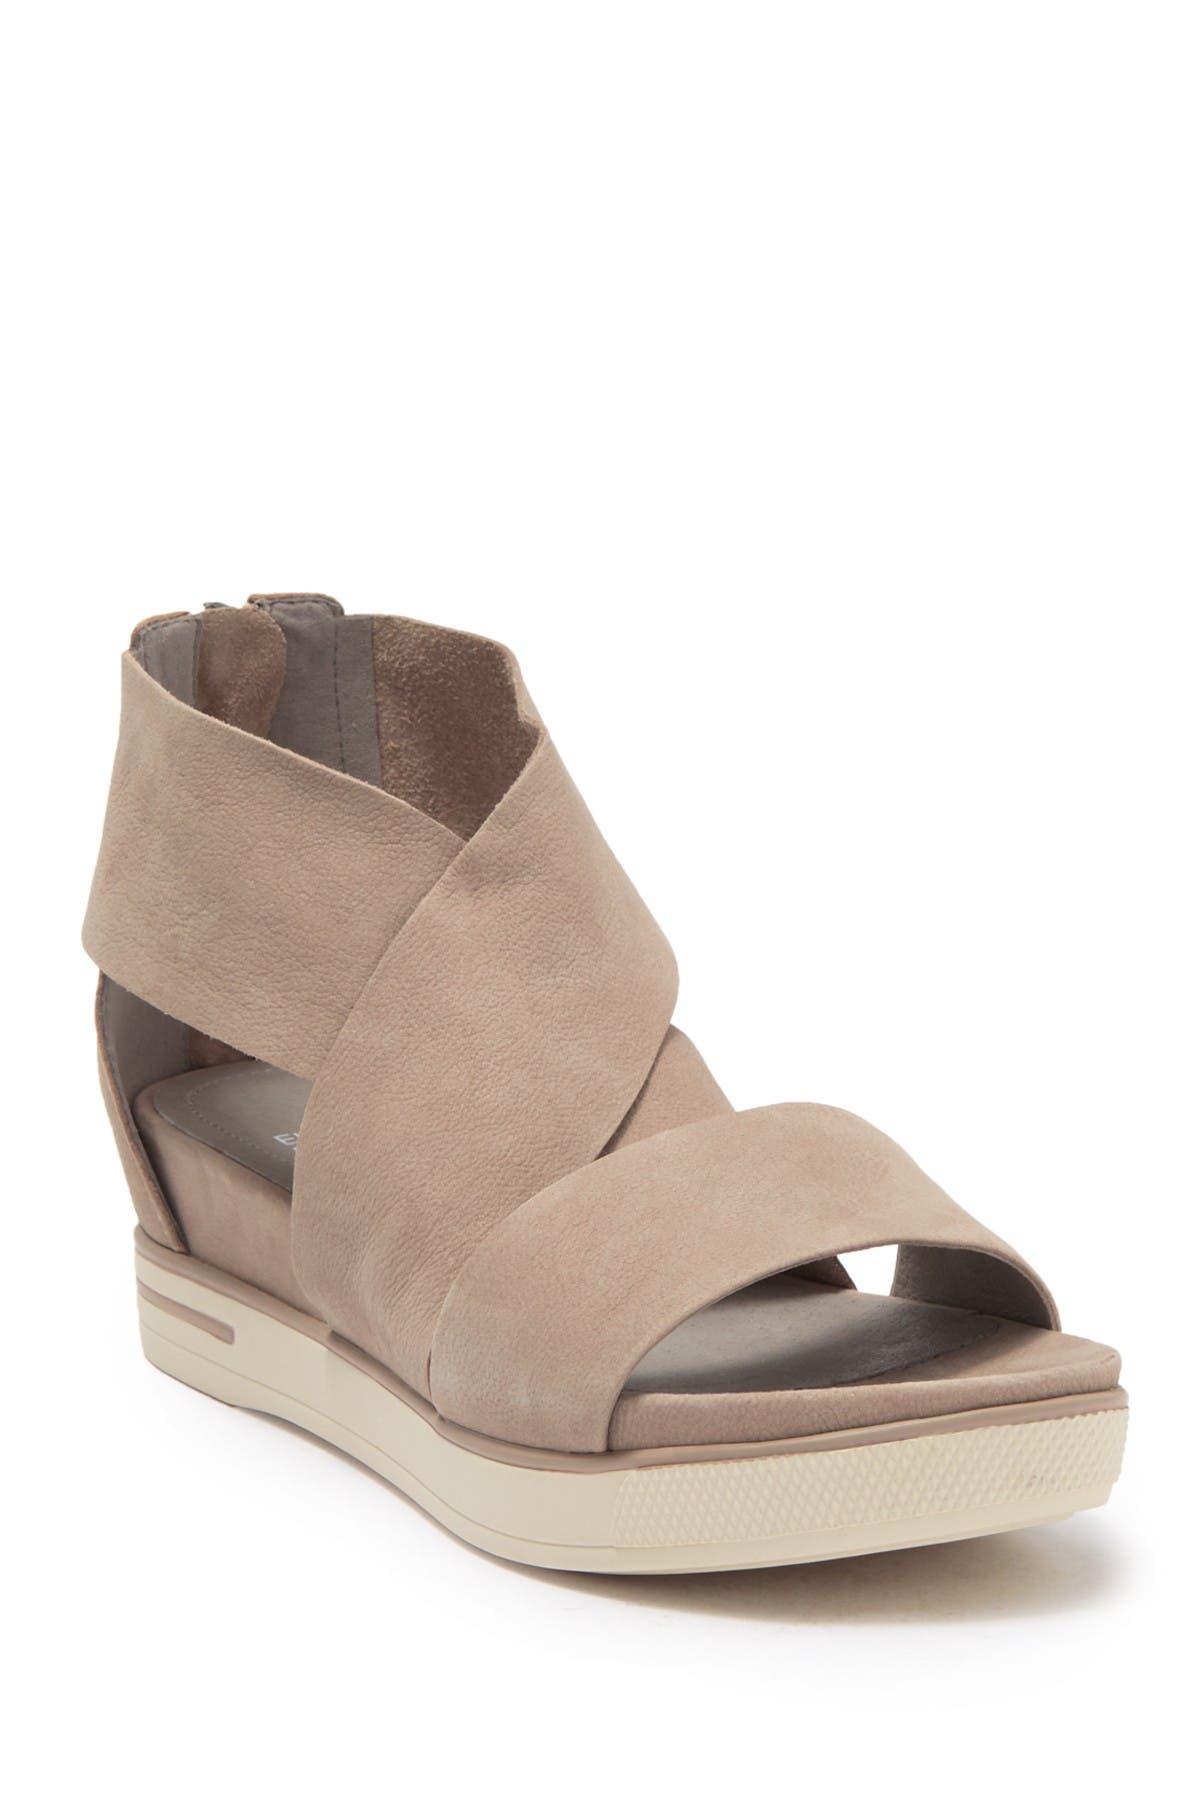 Image of Eileen Fisher Sport Platform Sandal